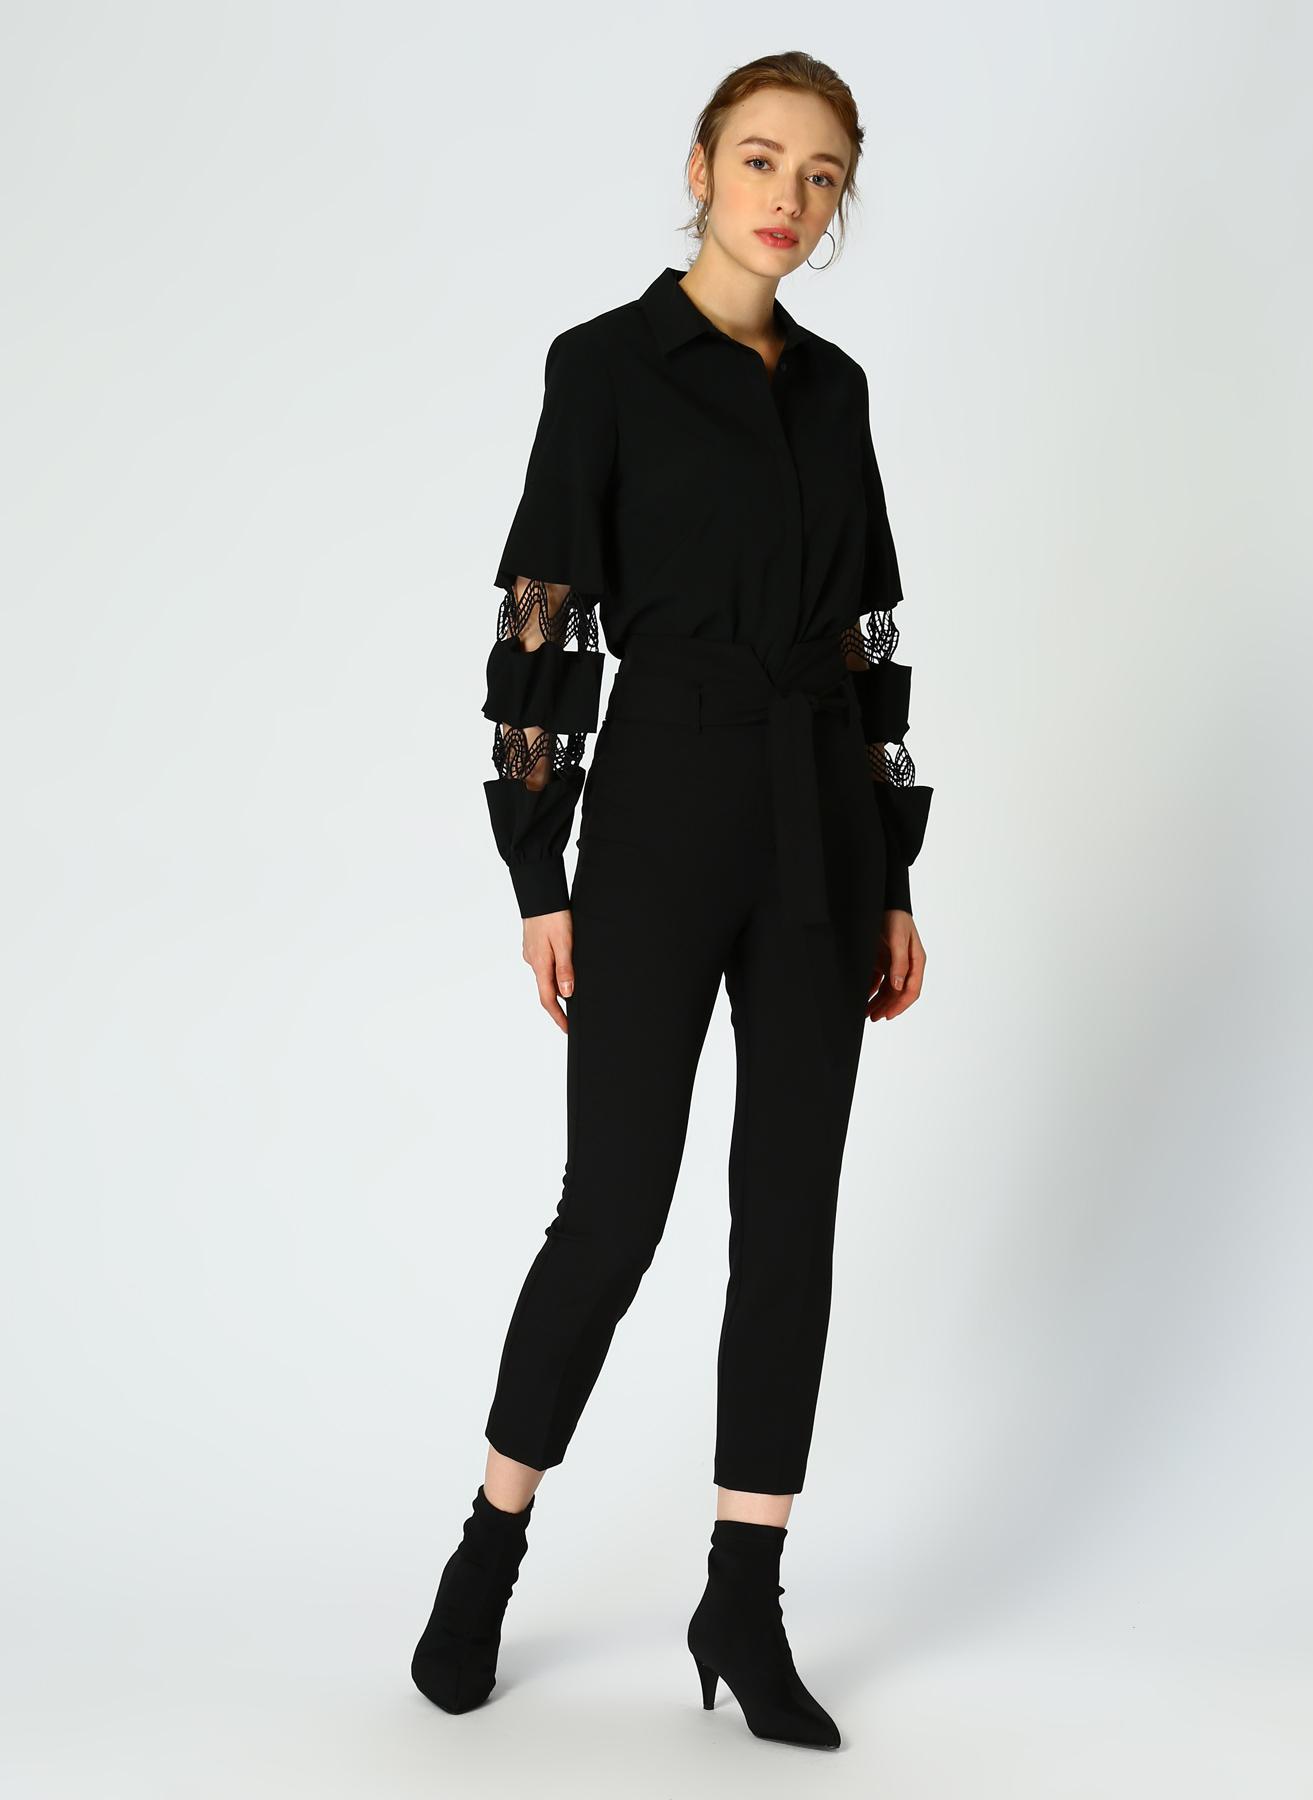 Random Yüksek Bel Siyah Pantolon 34 5002309602001 Ürün Resmi